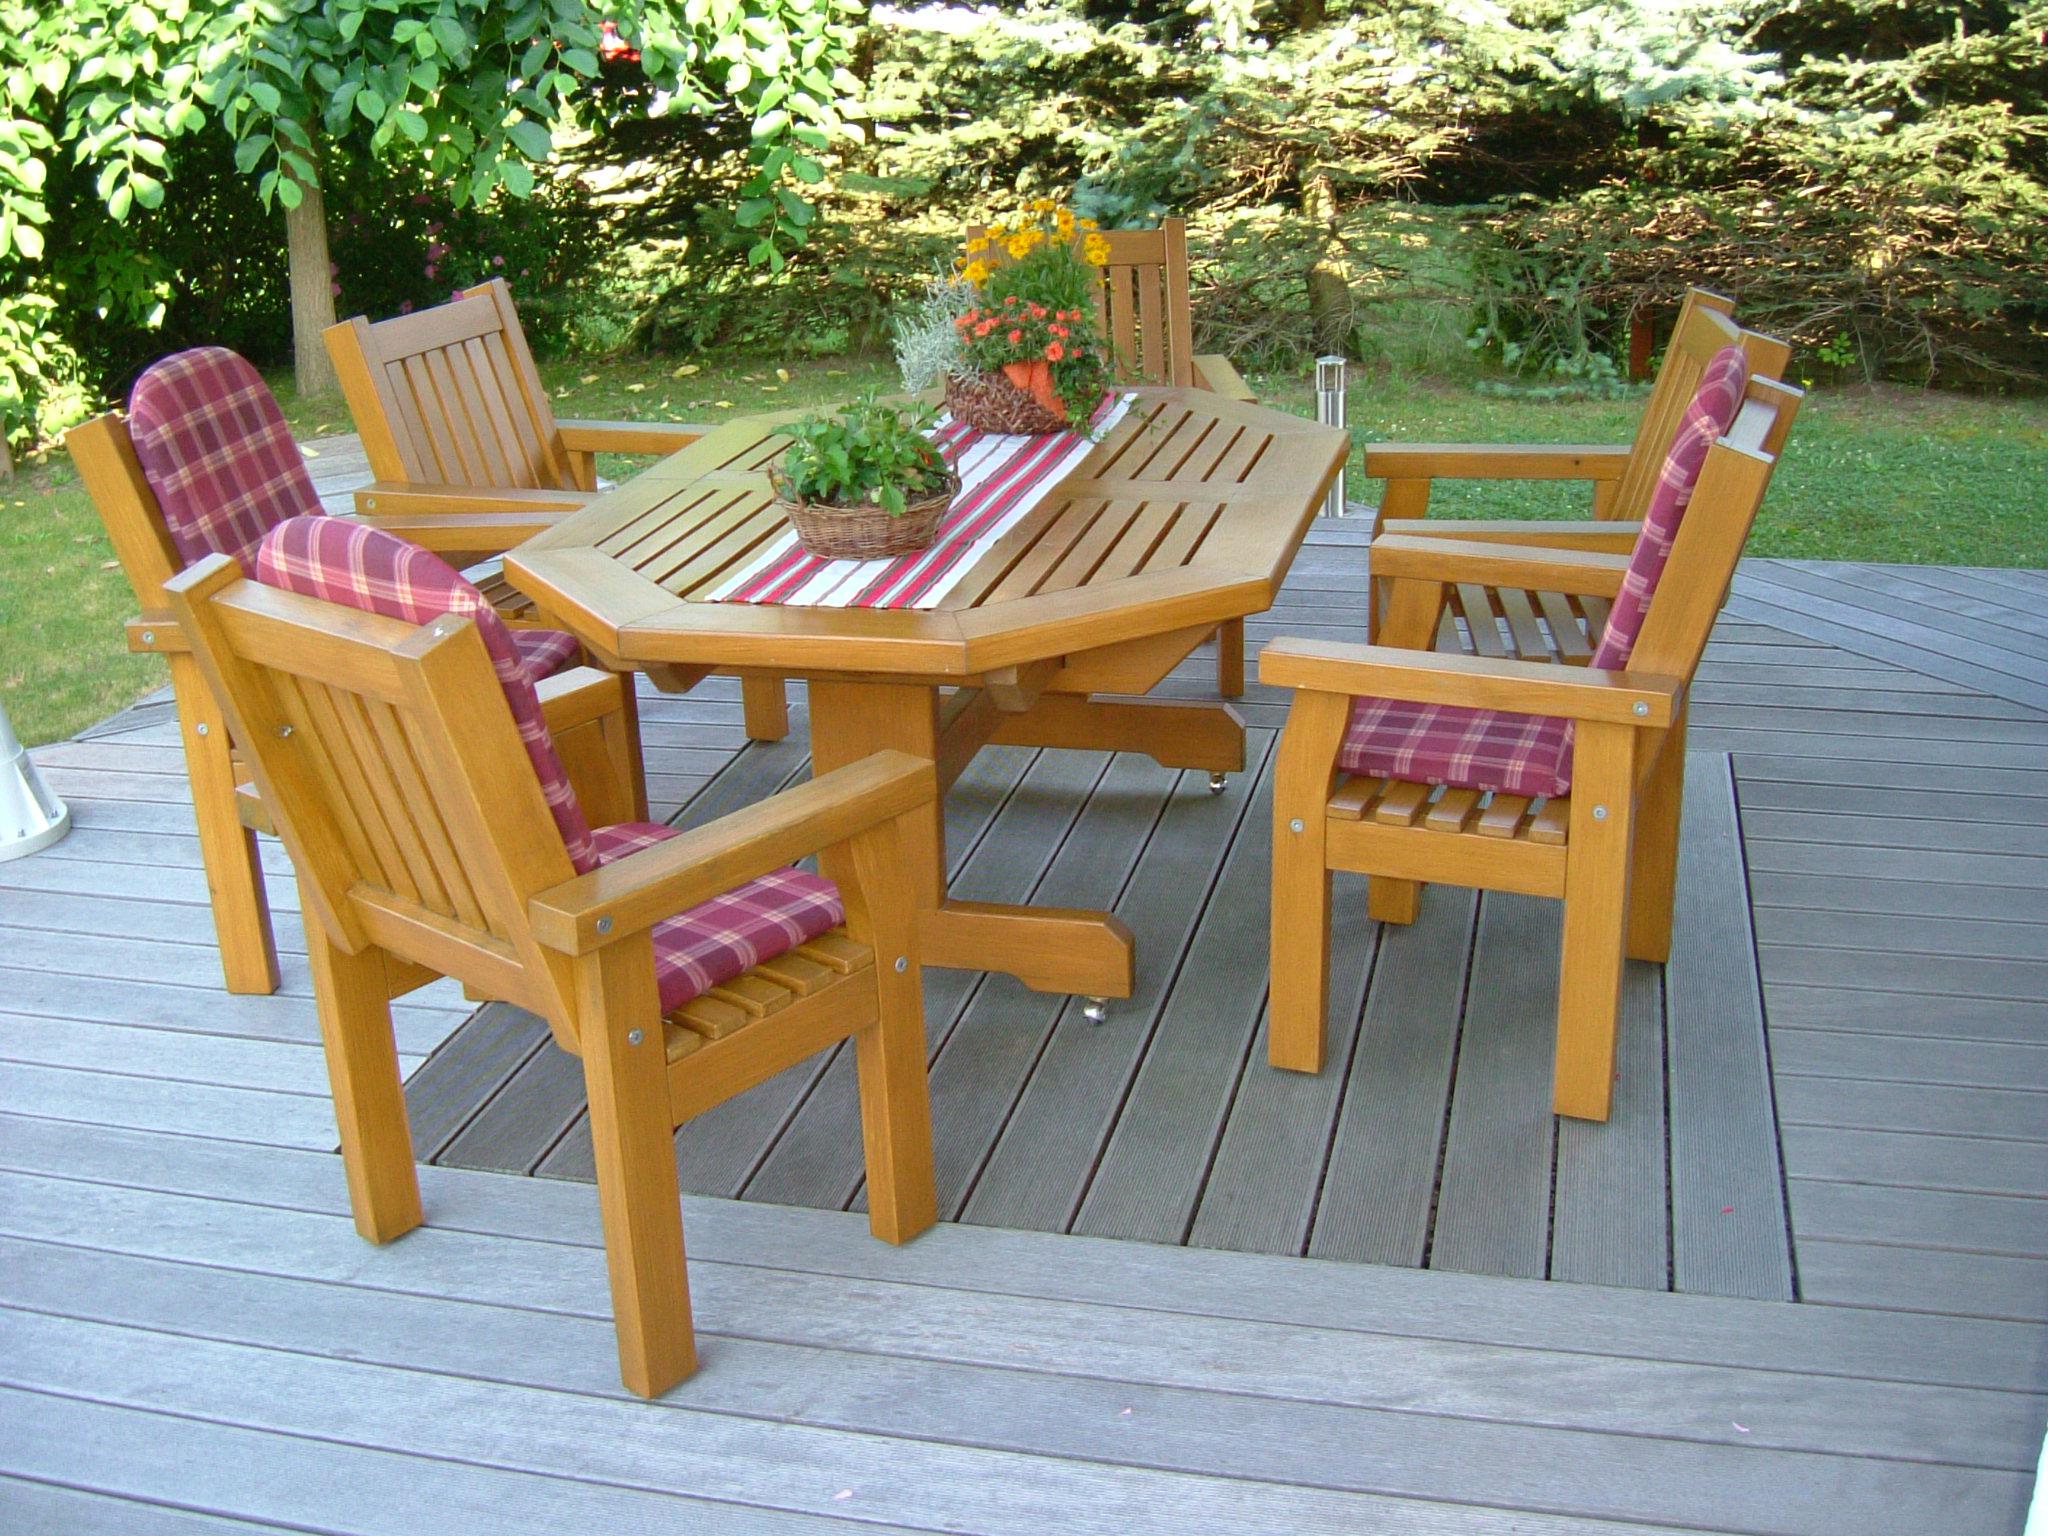 Massivholz Gartenmöbel aus Eiche | die Holzfabrik